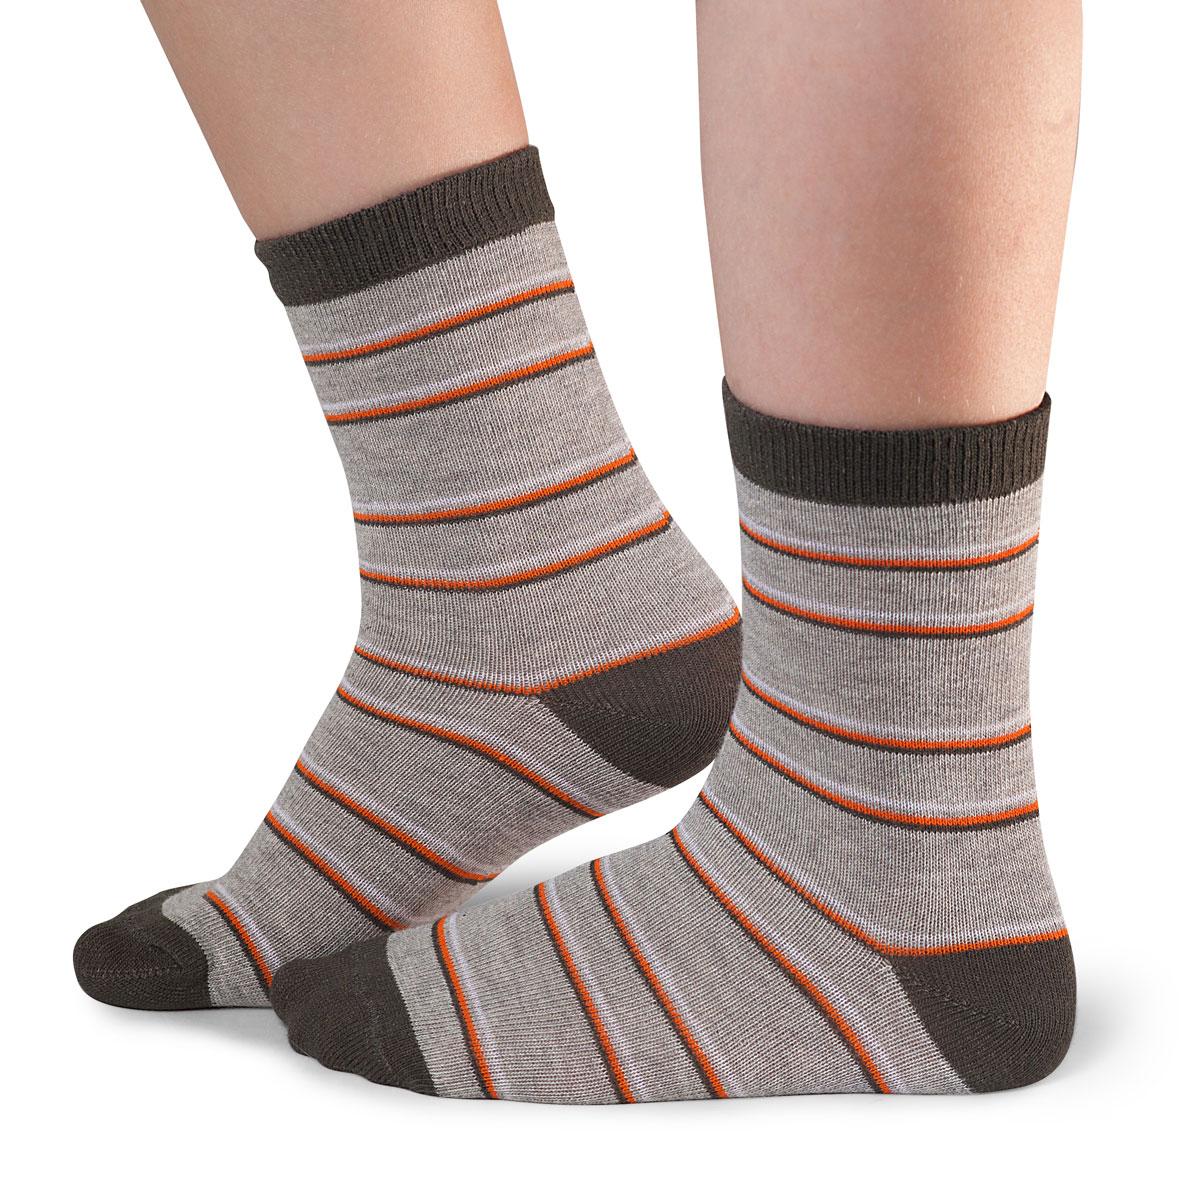 Носки для мальчика Idilio, цвет: терракотовый, серый. SB20. Размер 30/32SB20Комфортные носки для мальчиков с добавлением экологически чистого хлопка, изготовленные без применения химических красителей.